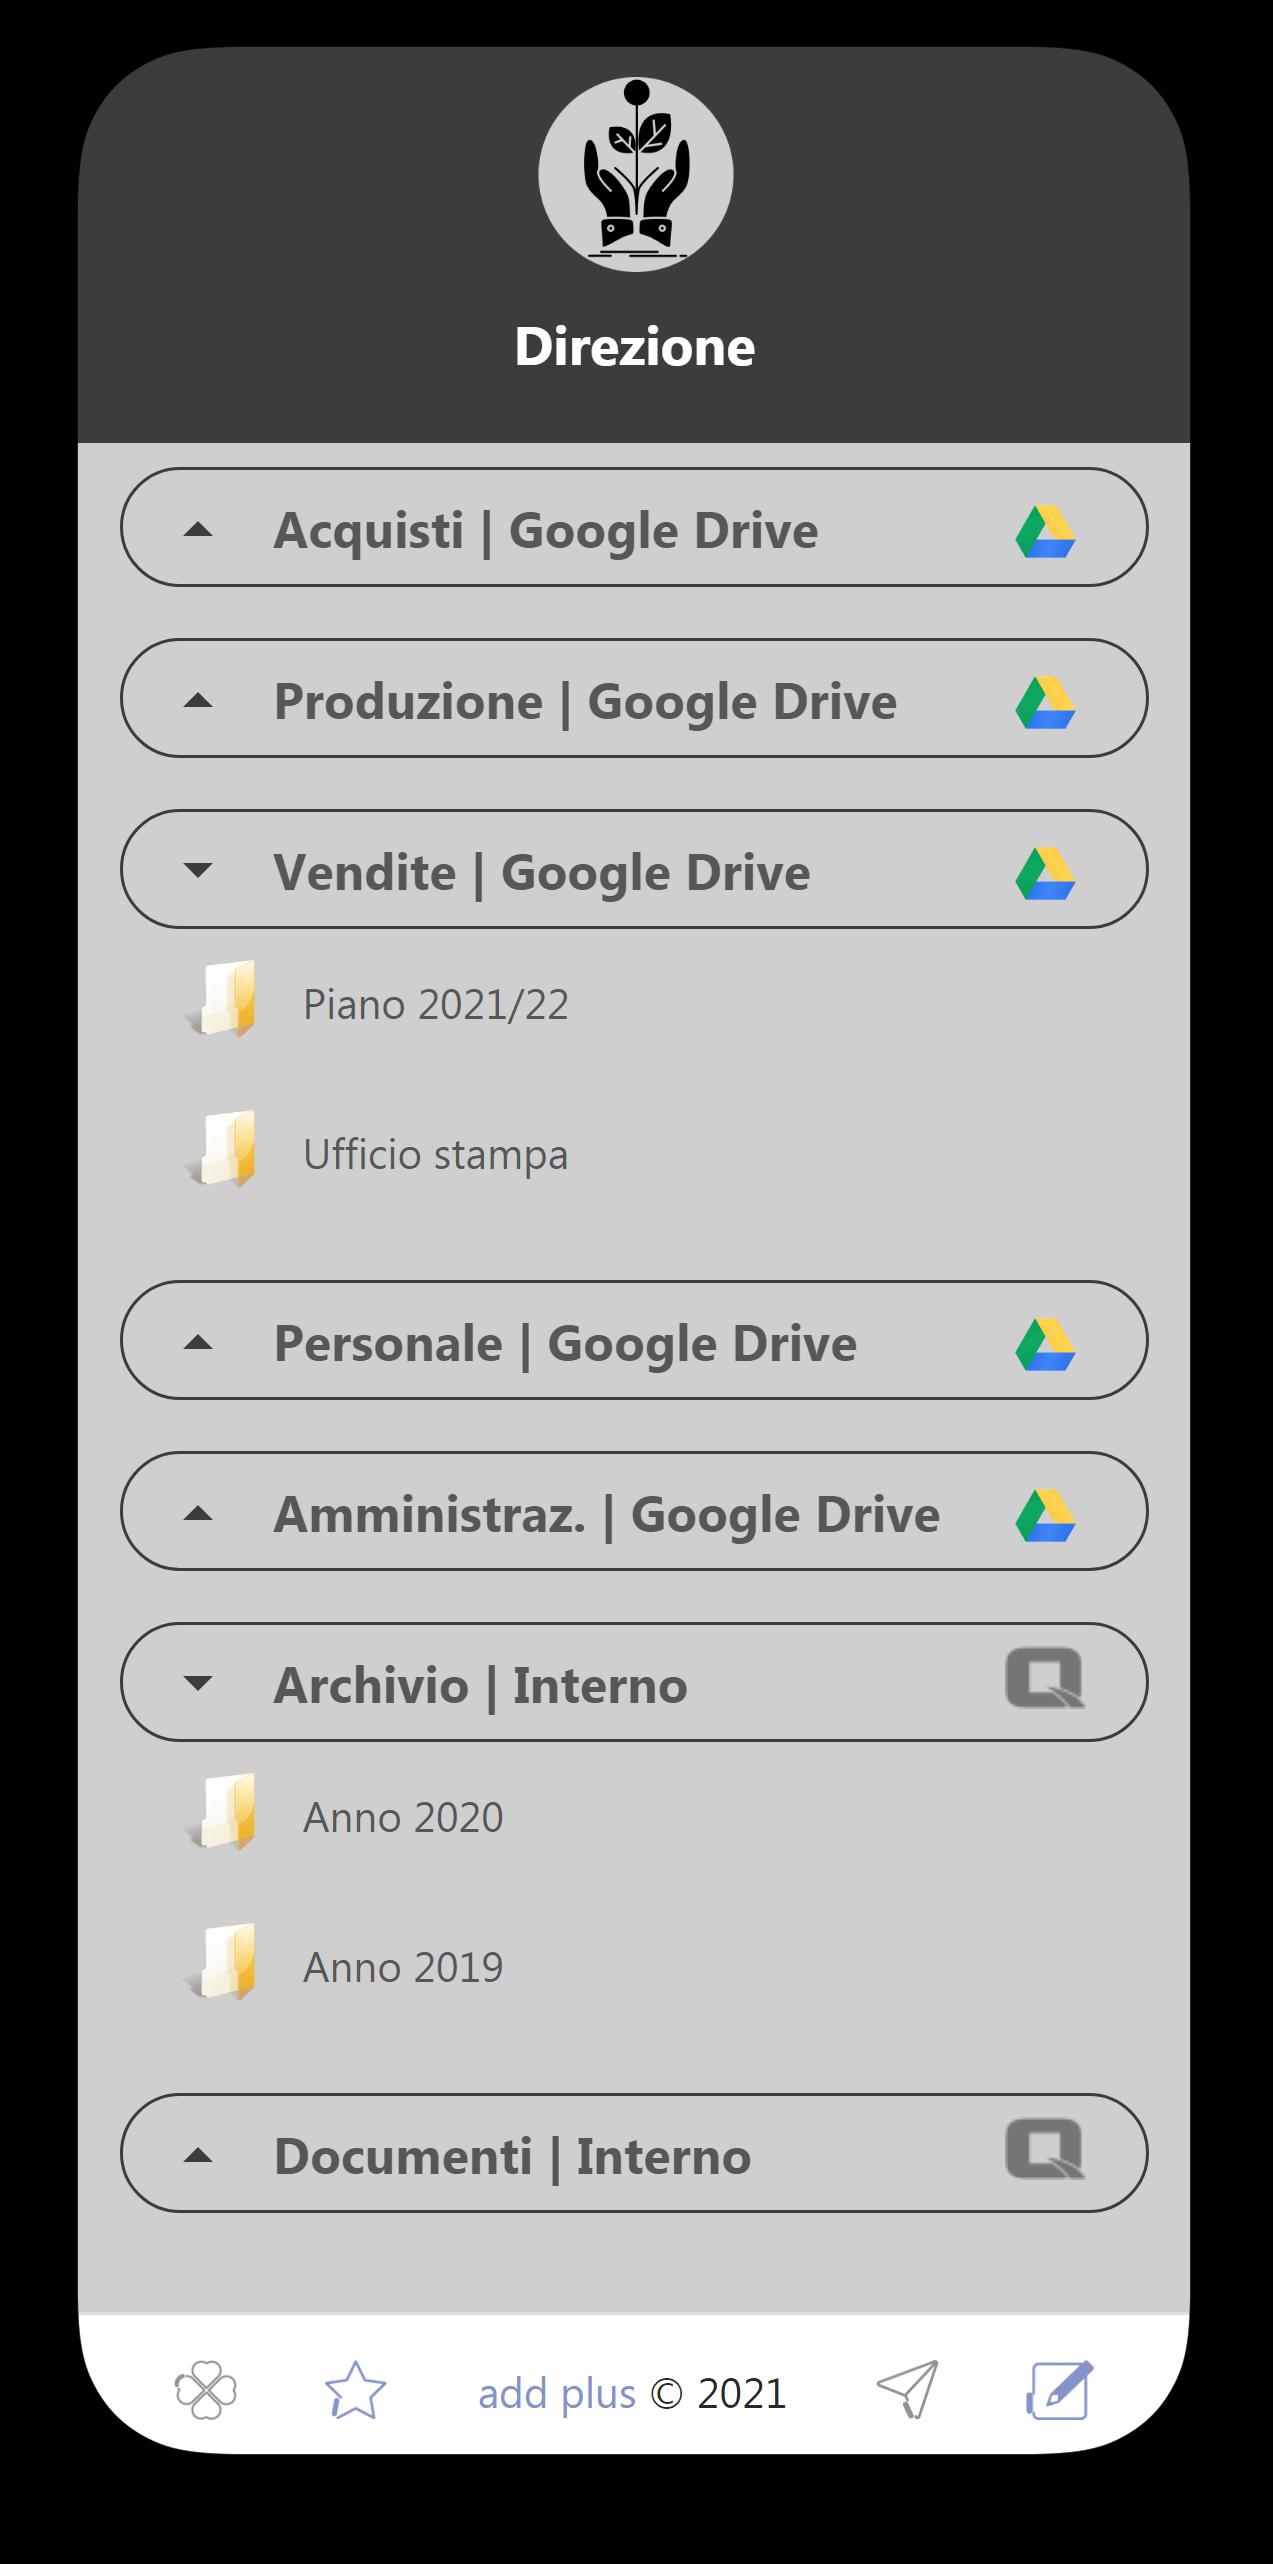 Archiviare in digitale